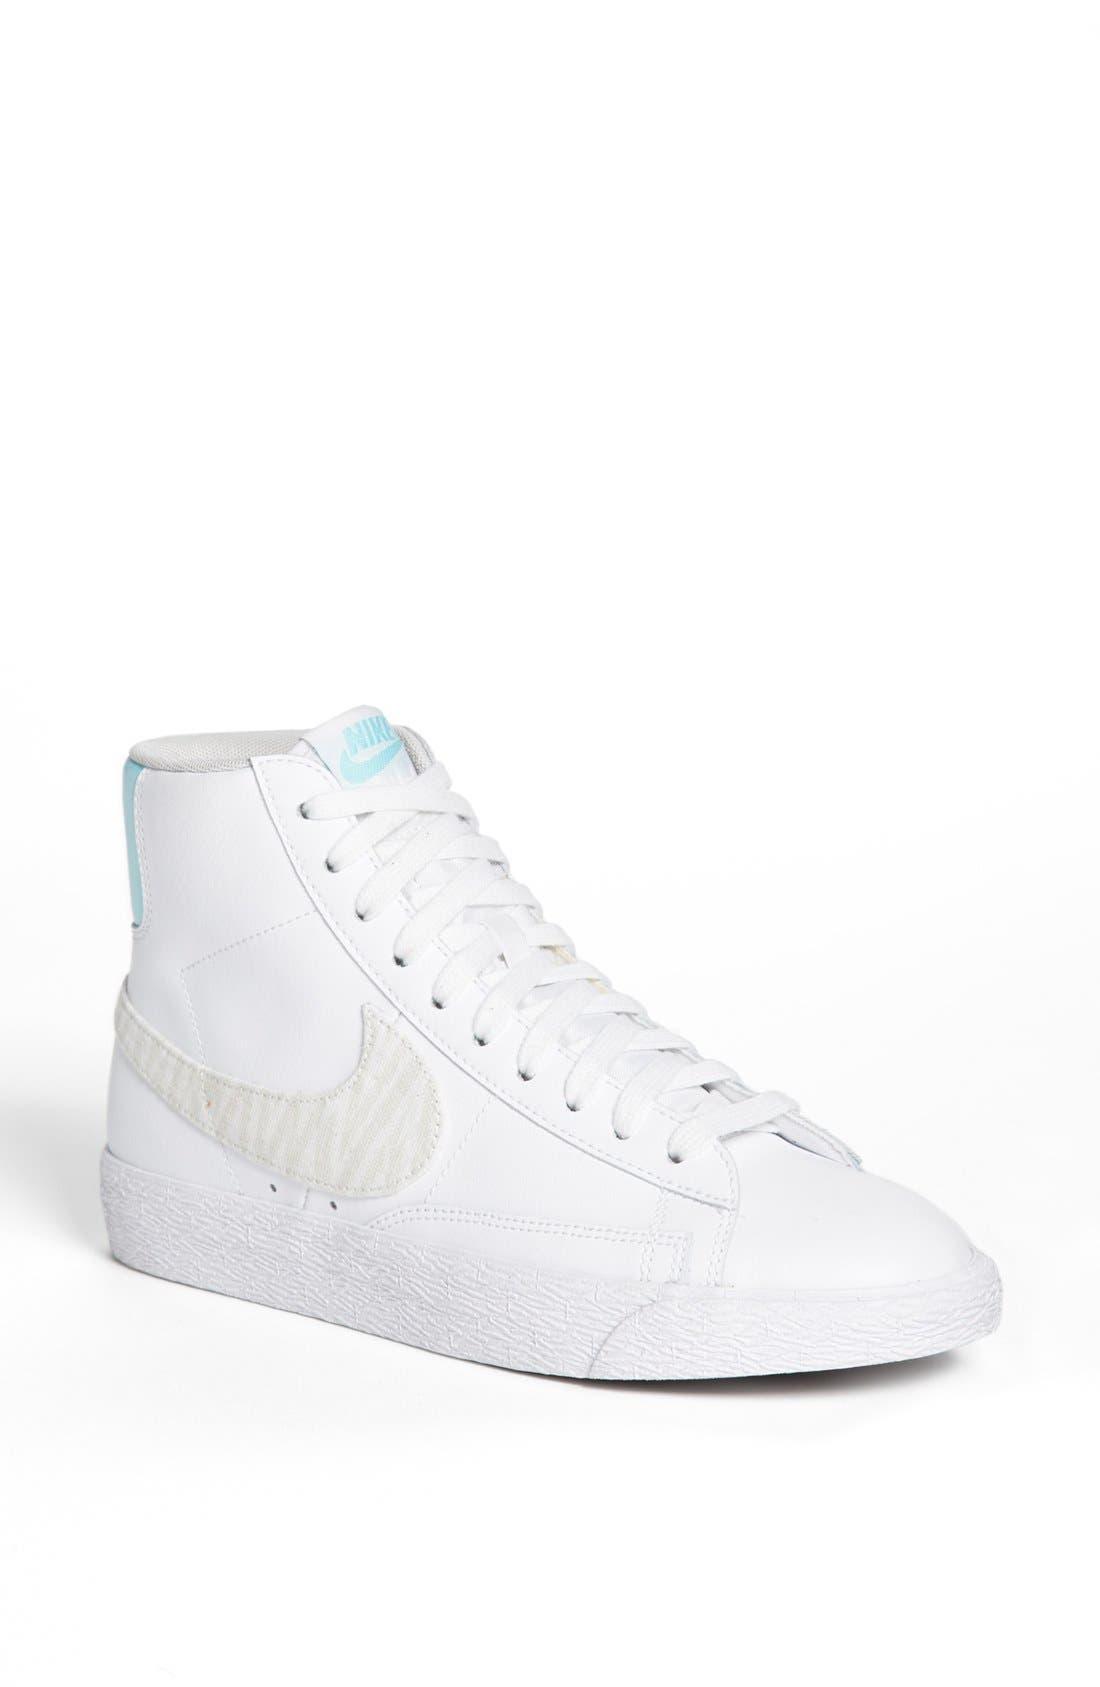 Main Image - Nike 'Blazer' Mid Leather Sneaker (Women)